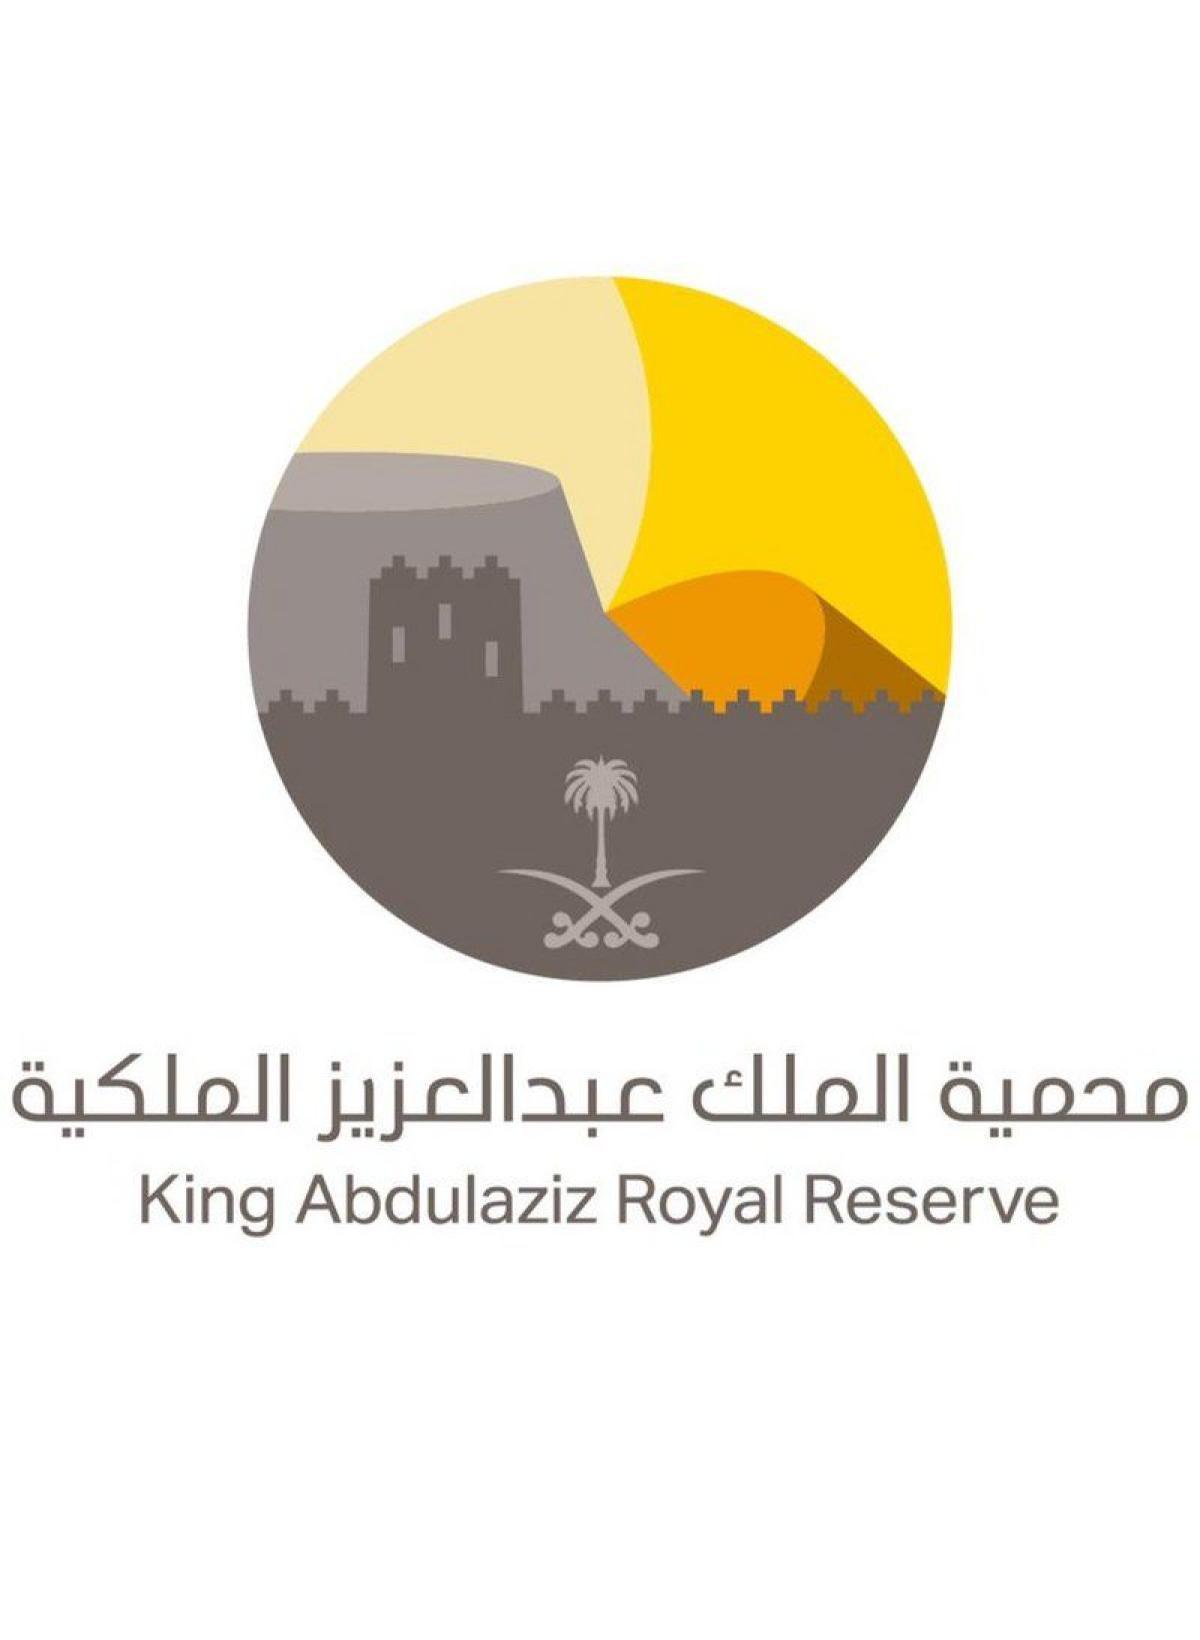 هيئة تطوير محمية الملك عبدالعزيز الملكية تطلق الهوية البصرية للمح